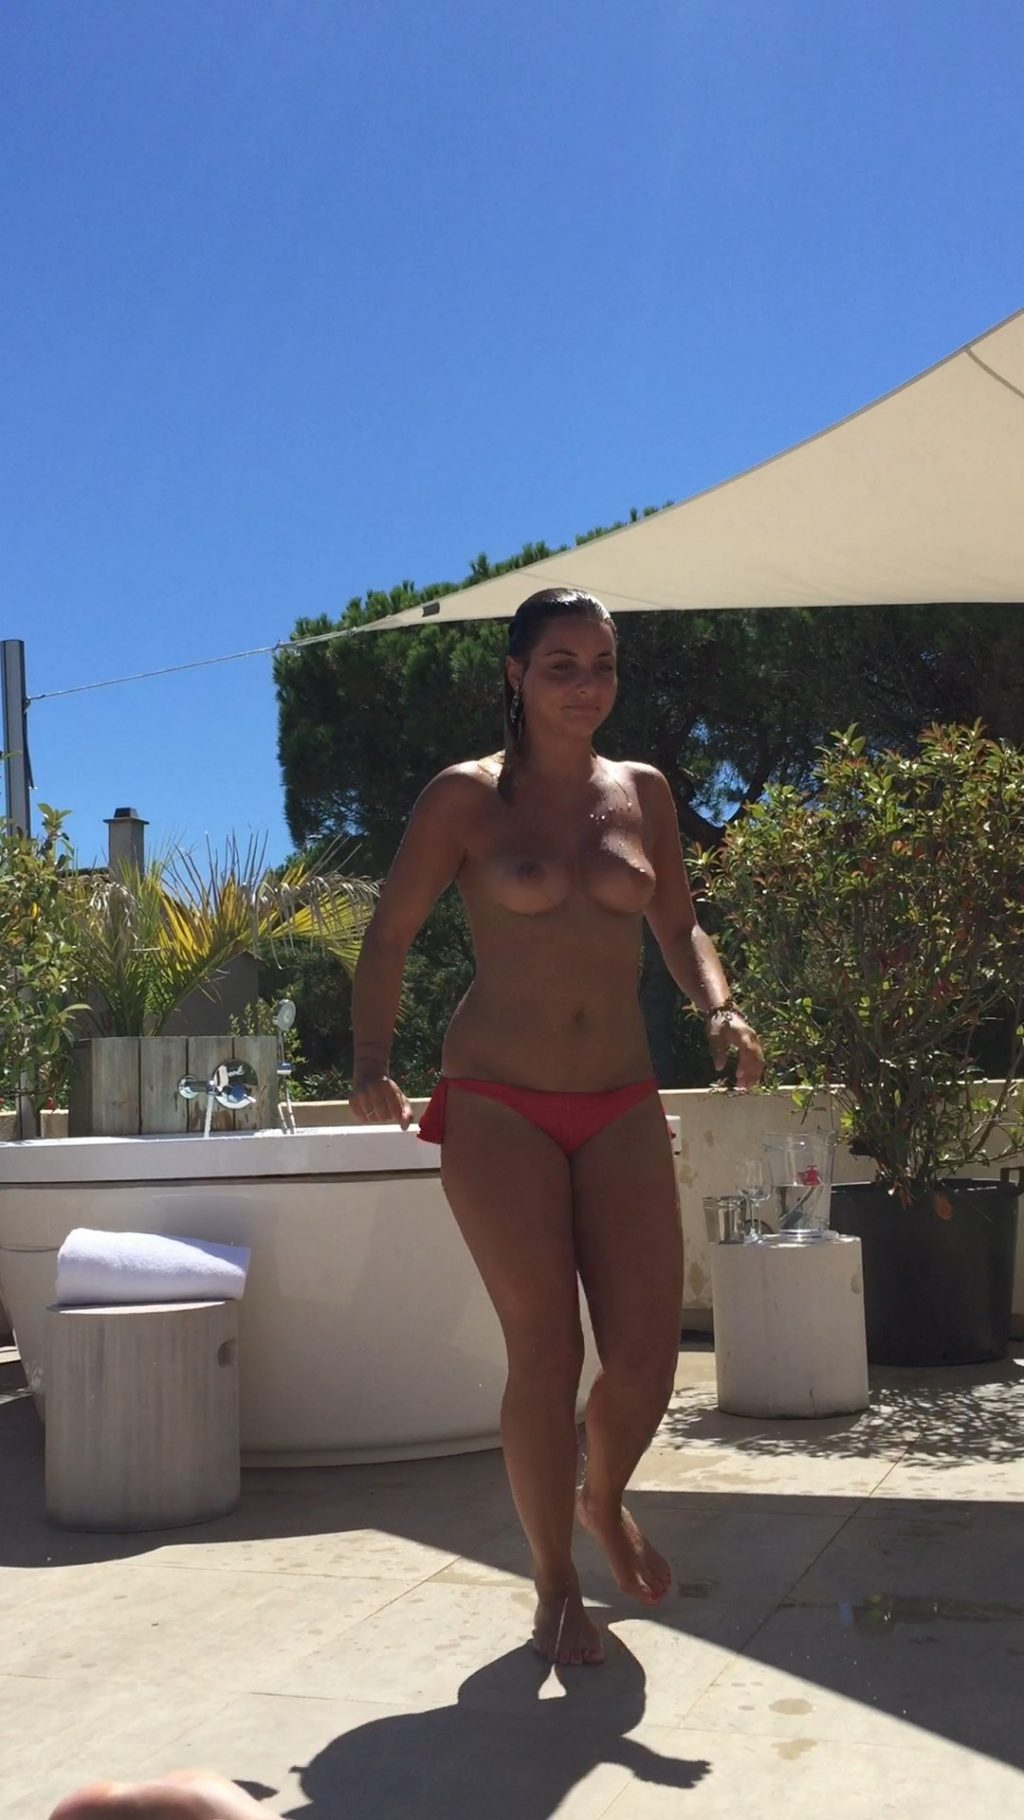 Priscilla Betti Nude Leaked The Fappening (40 Pics + Video)